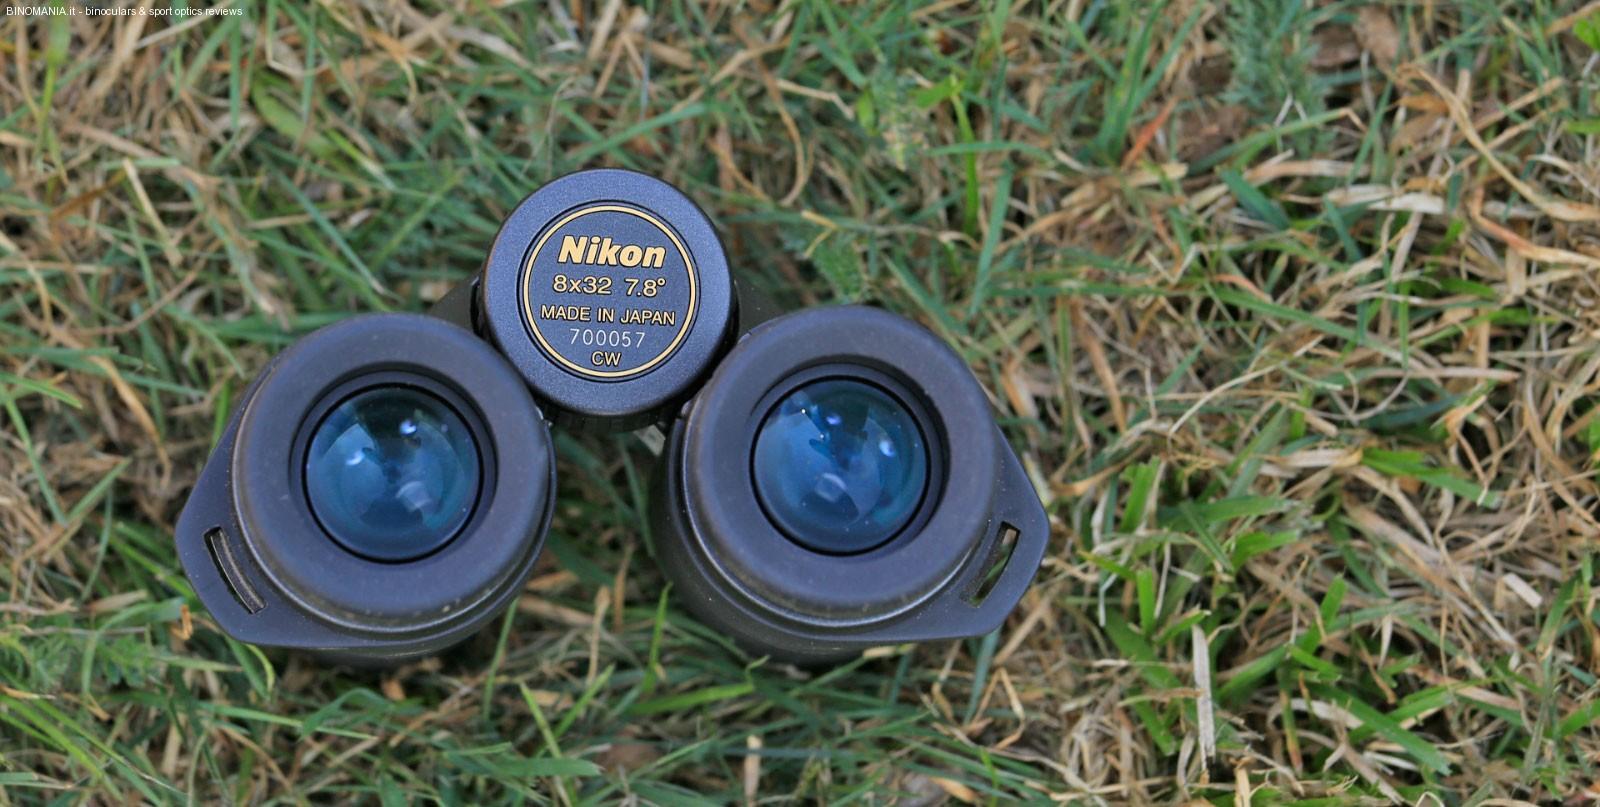 Nikon_EDG_8x32_2